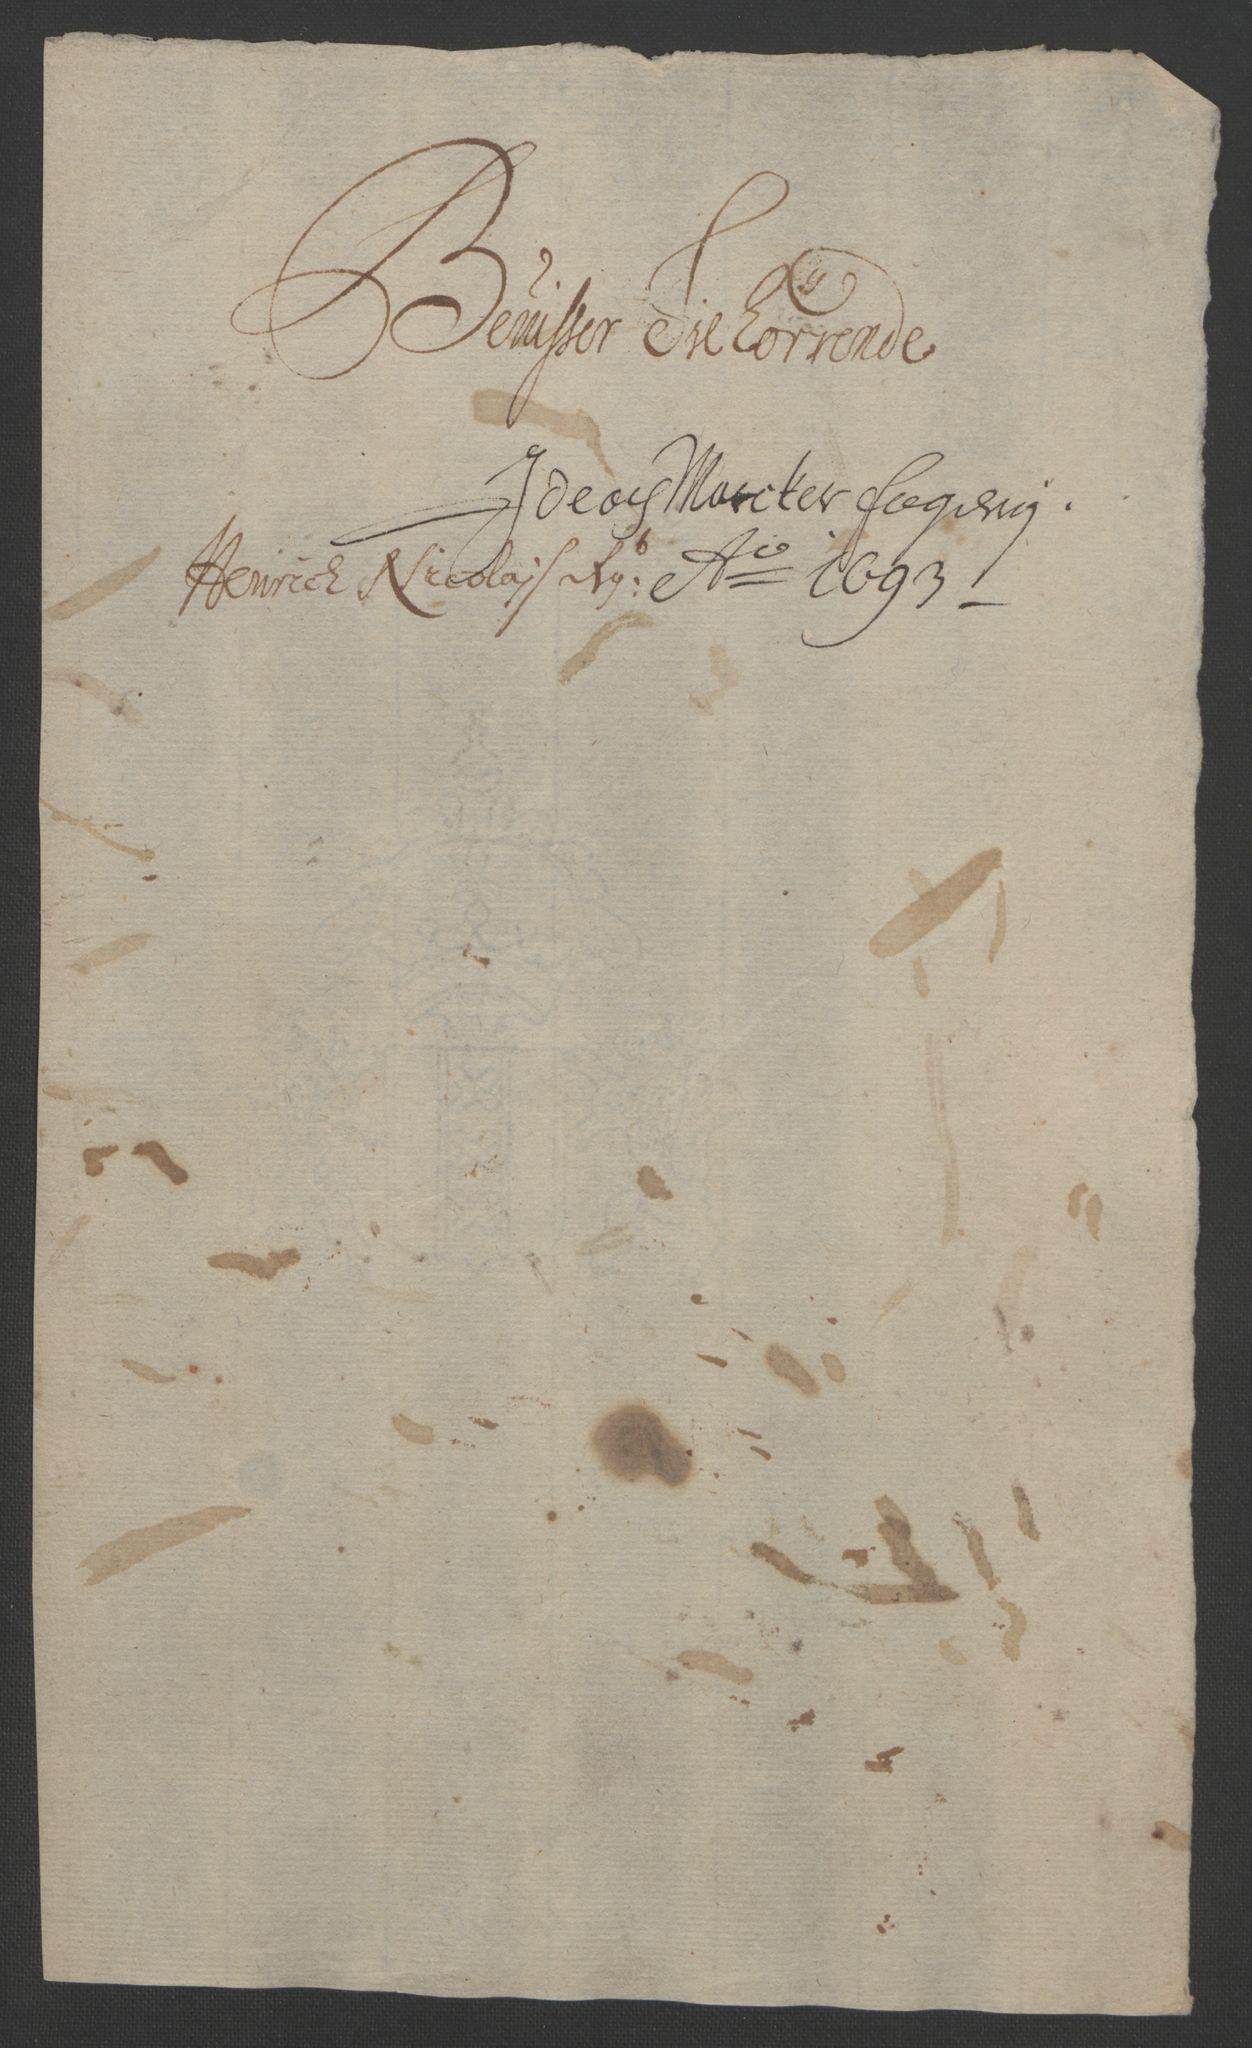 RA, Rentekammeret inntil 1814, Reviderte regnskaper, Fogderegnskap, R01/L0011: Fogderegnskap Idd og Marker, 1692-1693, s. 210